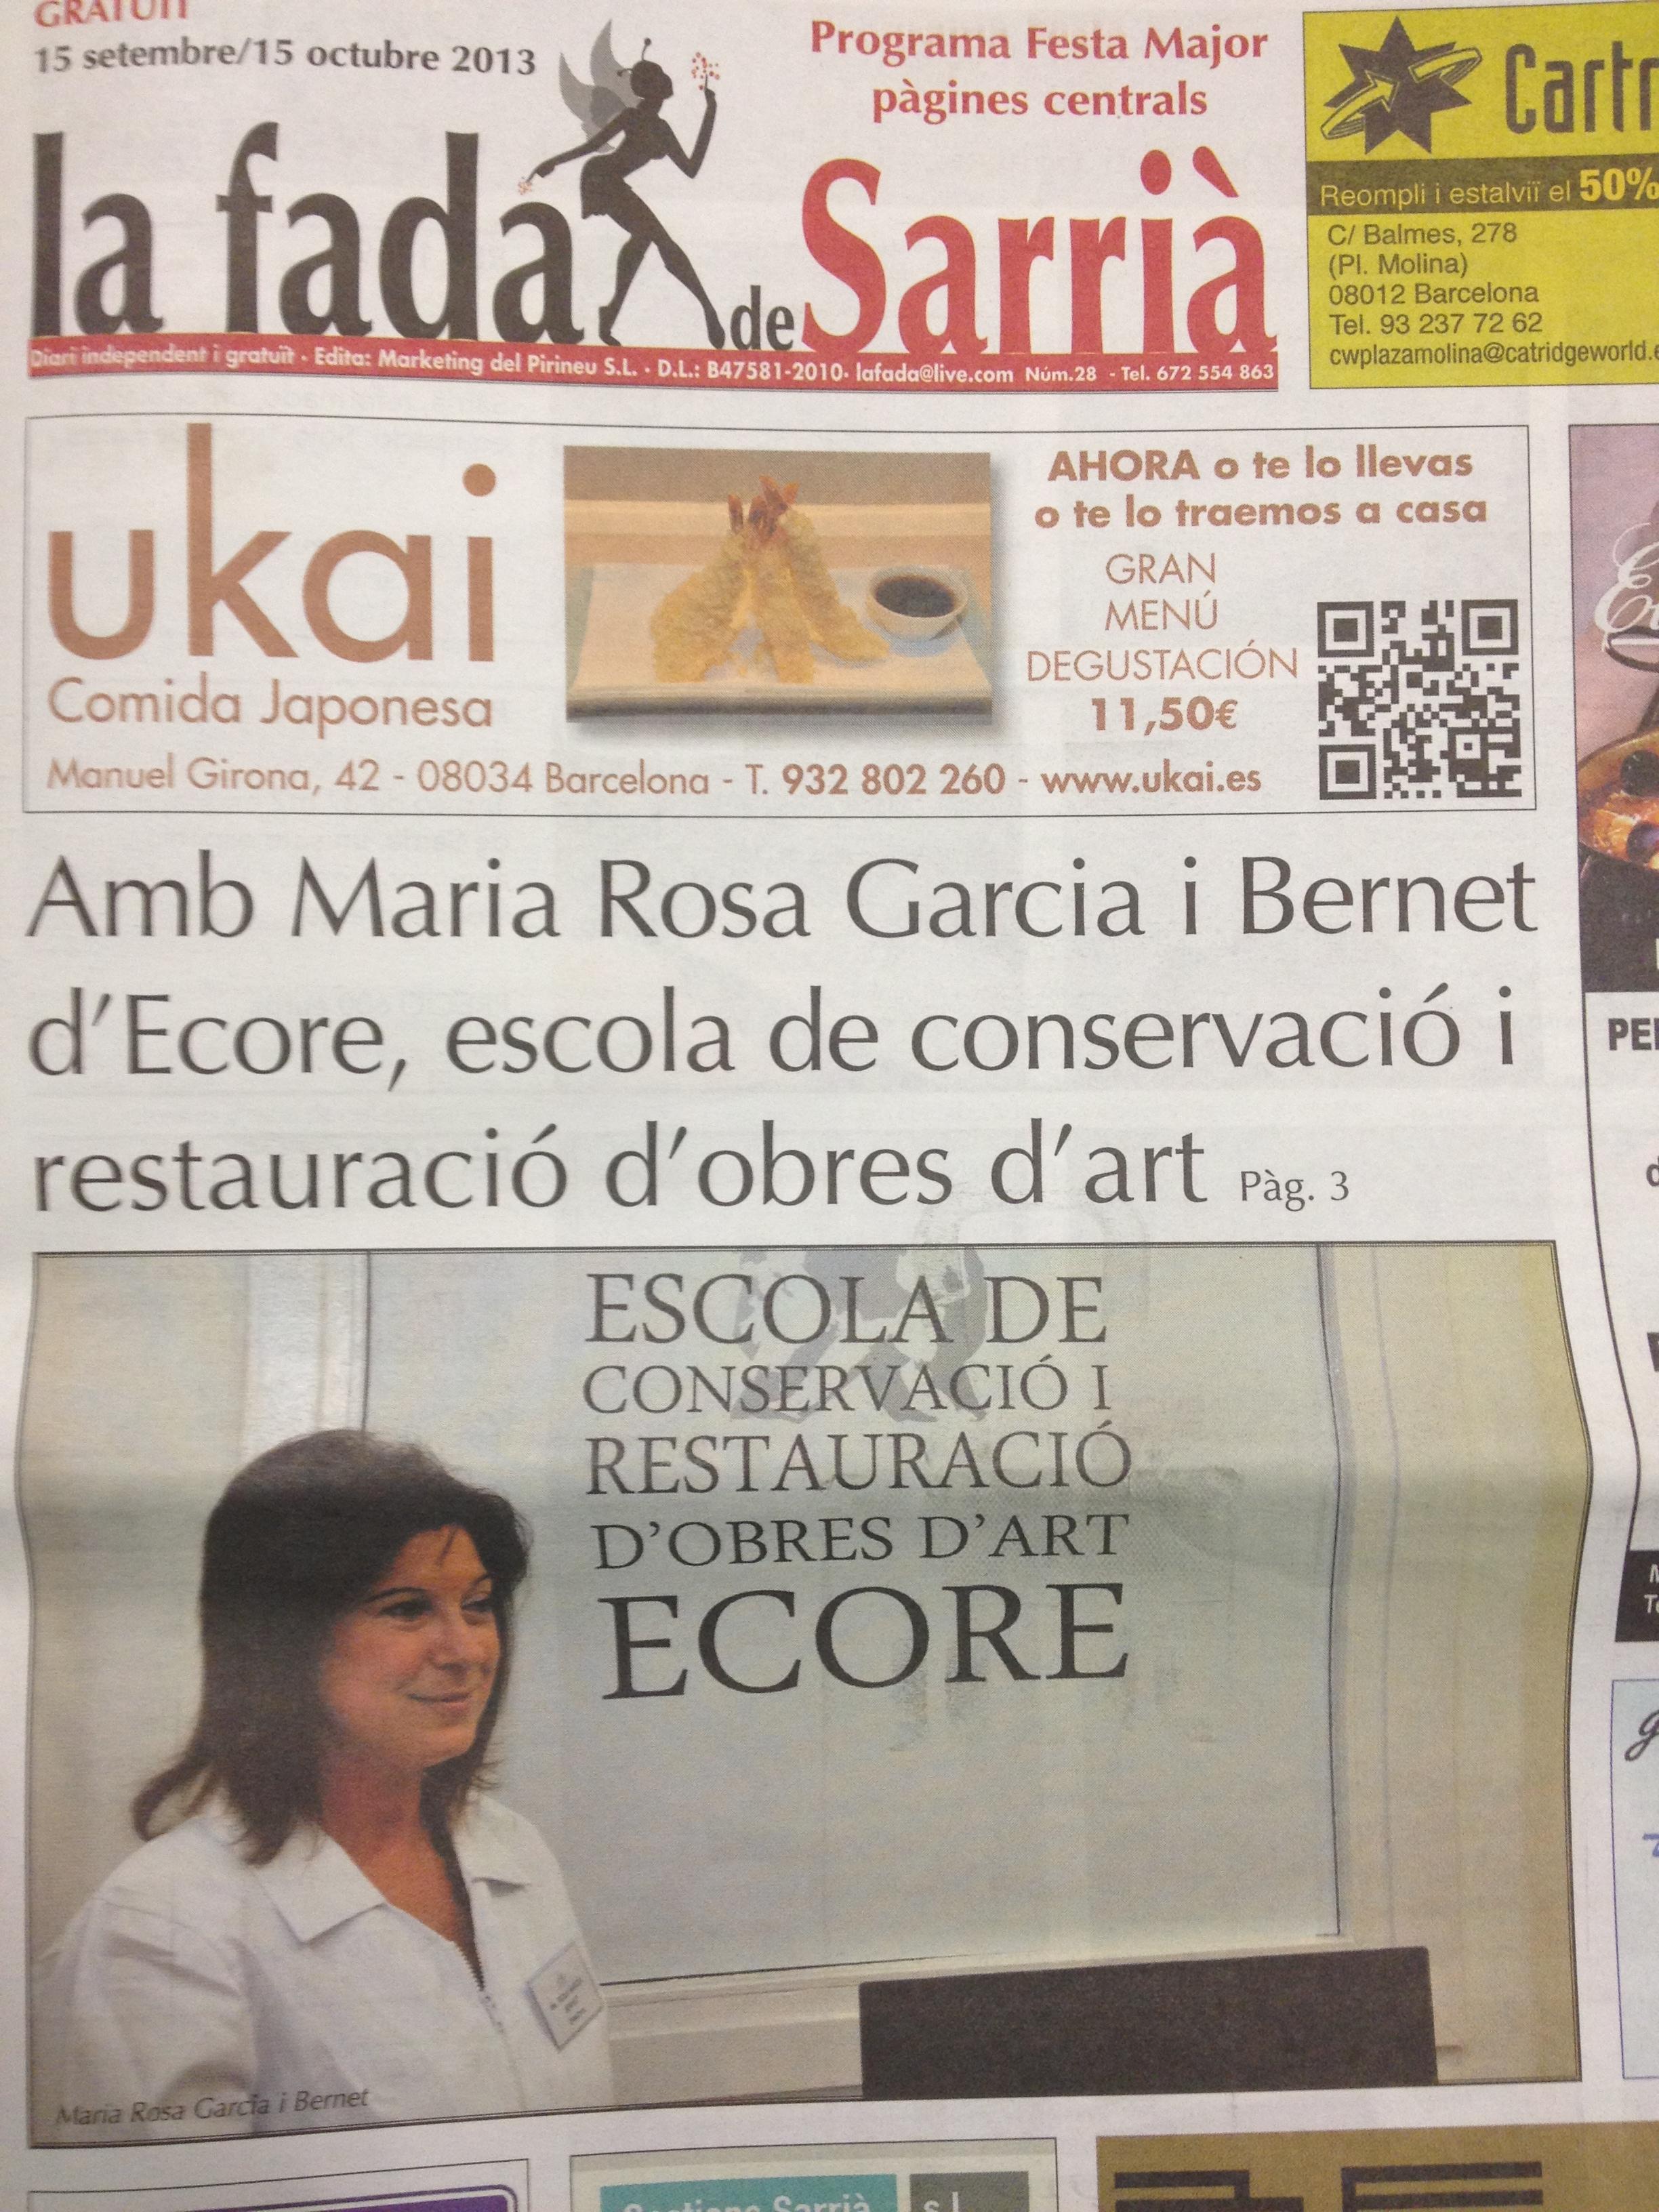 En el número de septiembre de la revista La Fada de Sarrià, podéis encontrar la entrevista realizada a la directora de Ecore, Ma. Rosa García Bernet. Aquí tenéis el enlace […]